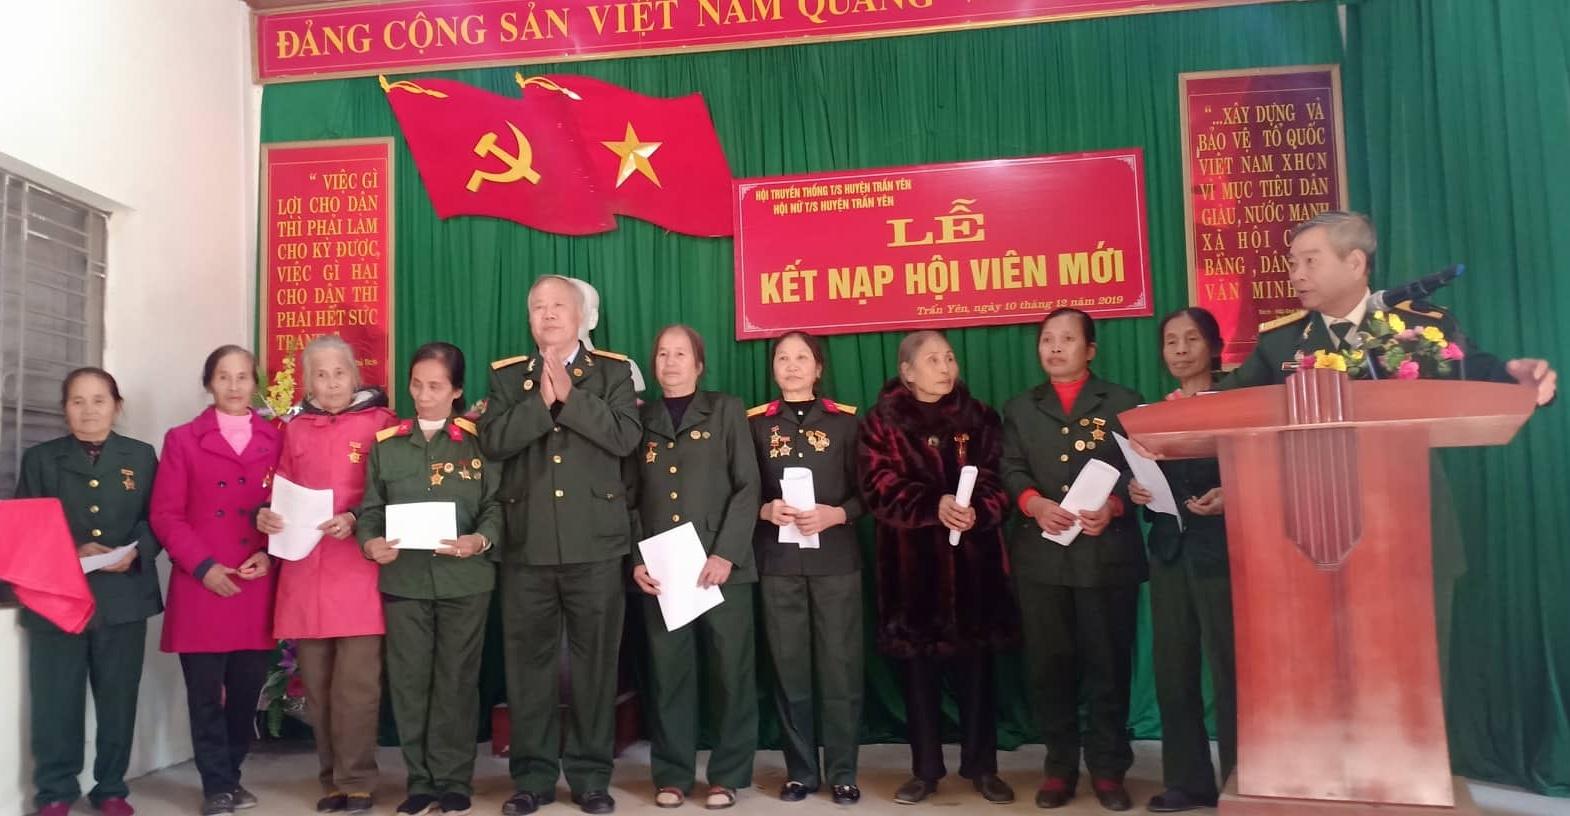 BLL Nữ CSTS huyện Trấn Yên Tổng kết 2019, triển khai hoạt động 2020 và kết nạp Hội viên mới